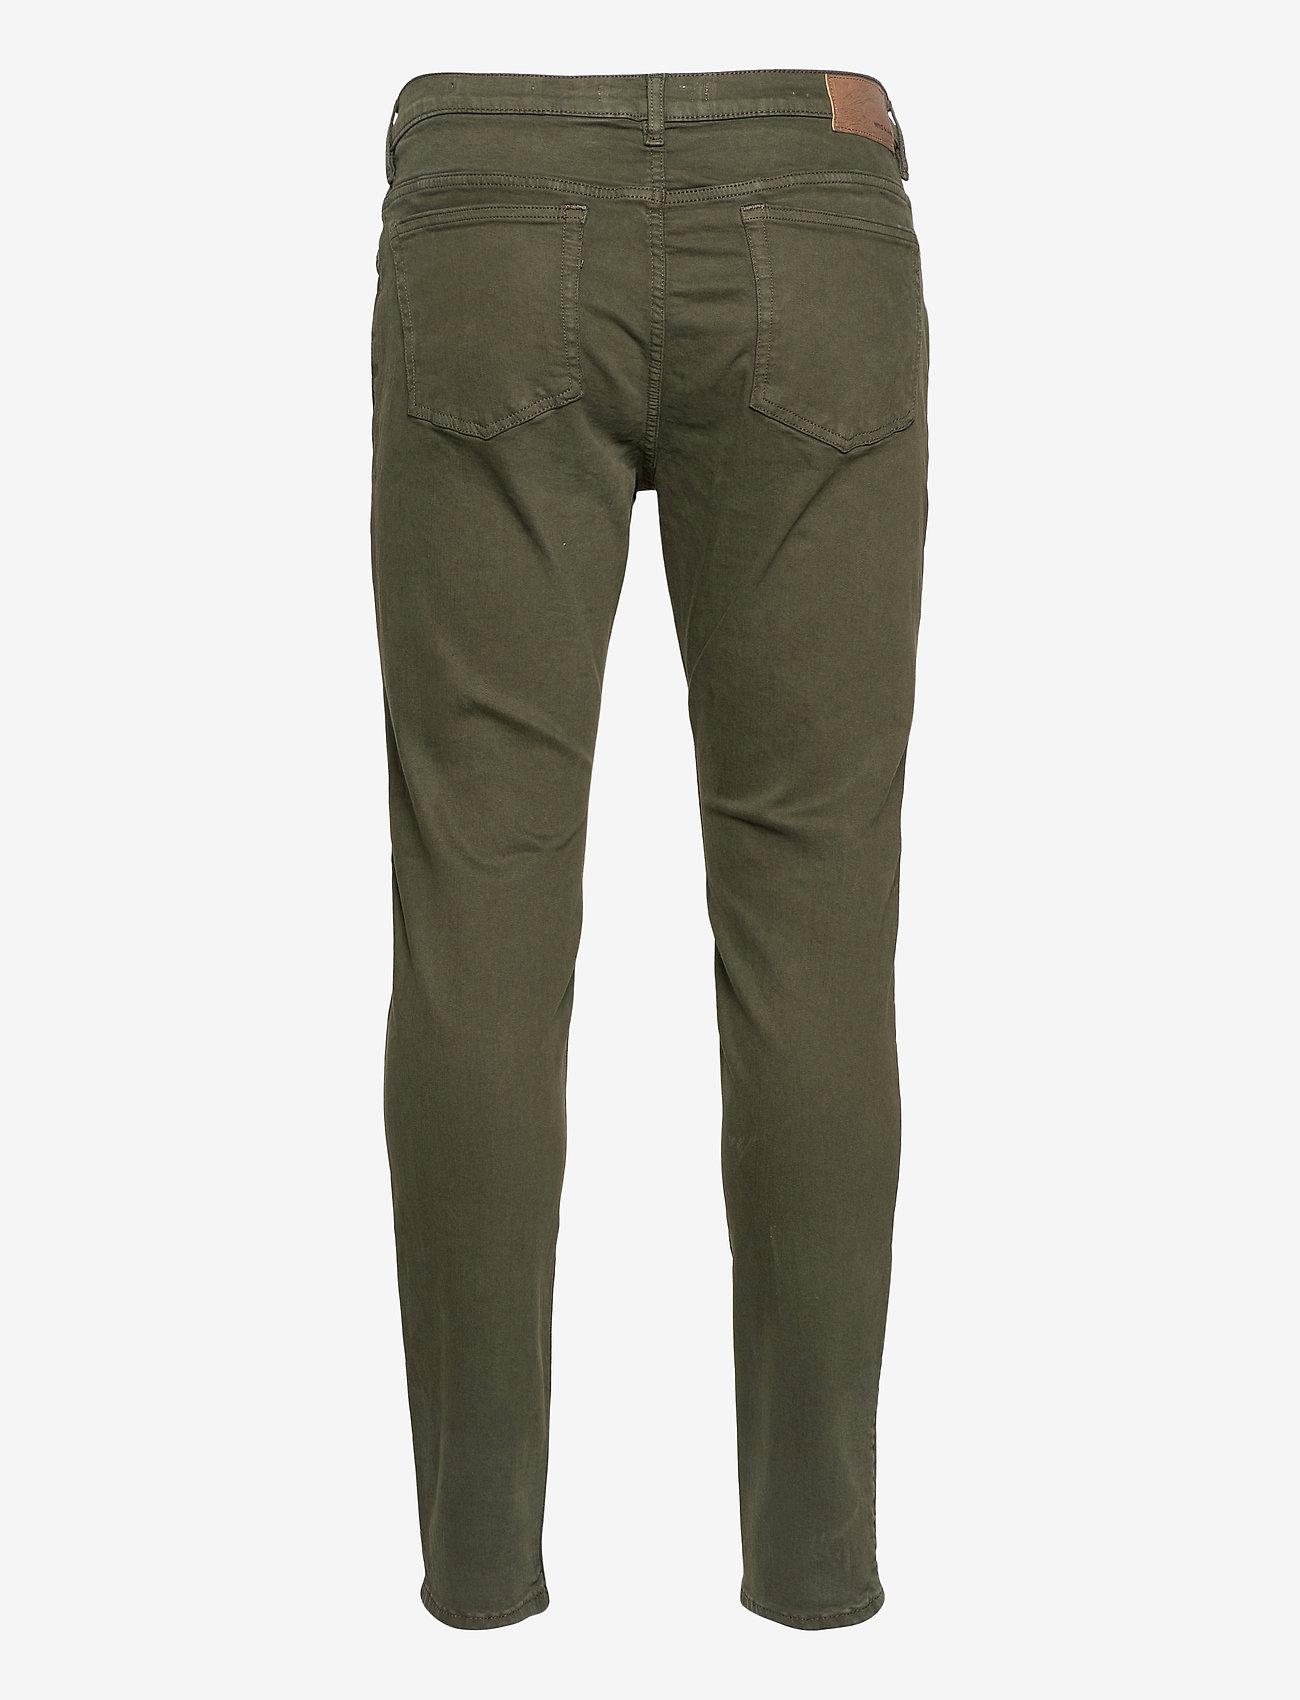 Mango BILLY - Jeans GREEN HUNTING - Menn Klær